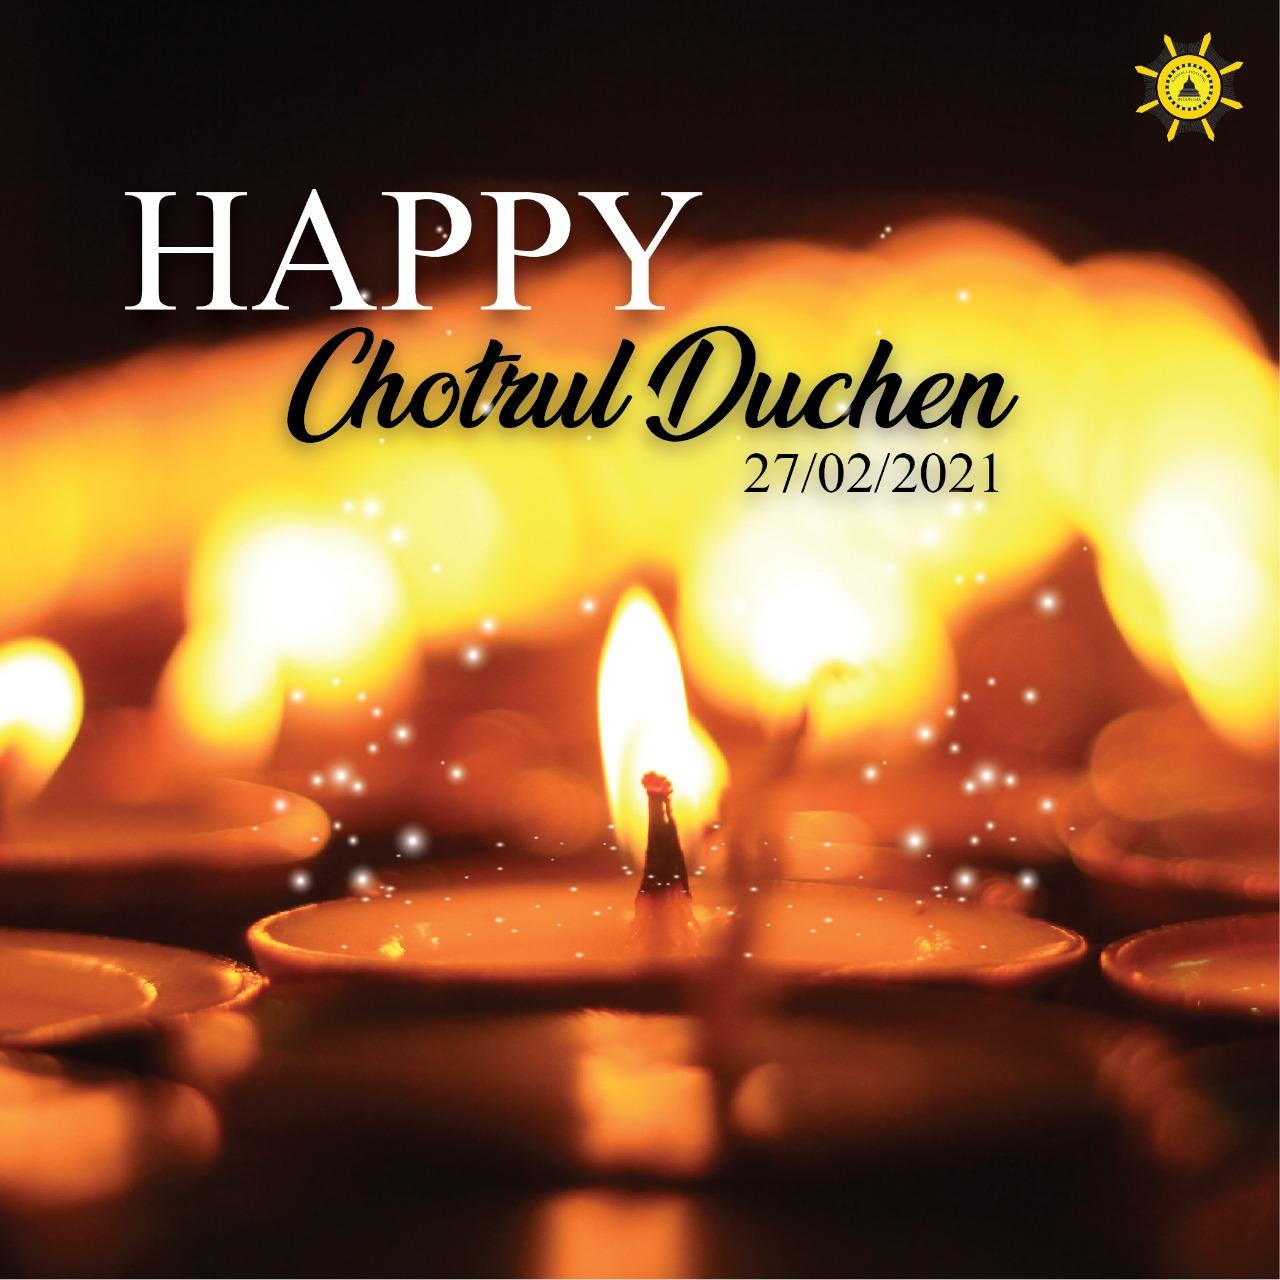 Perayaan Chotrul Duchen